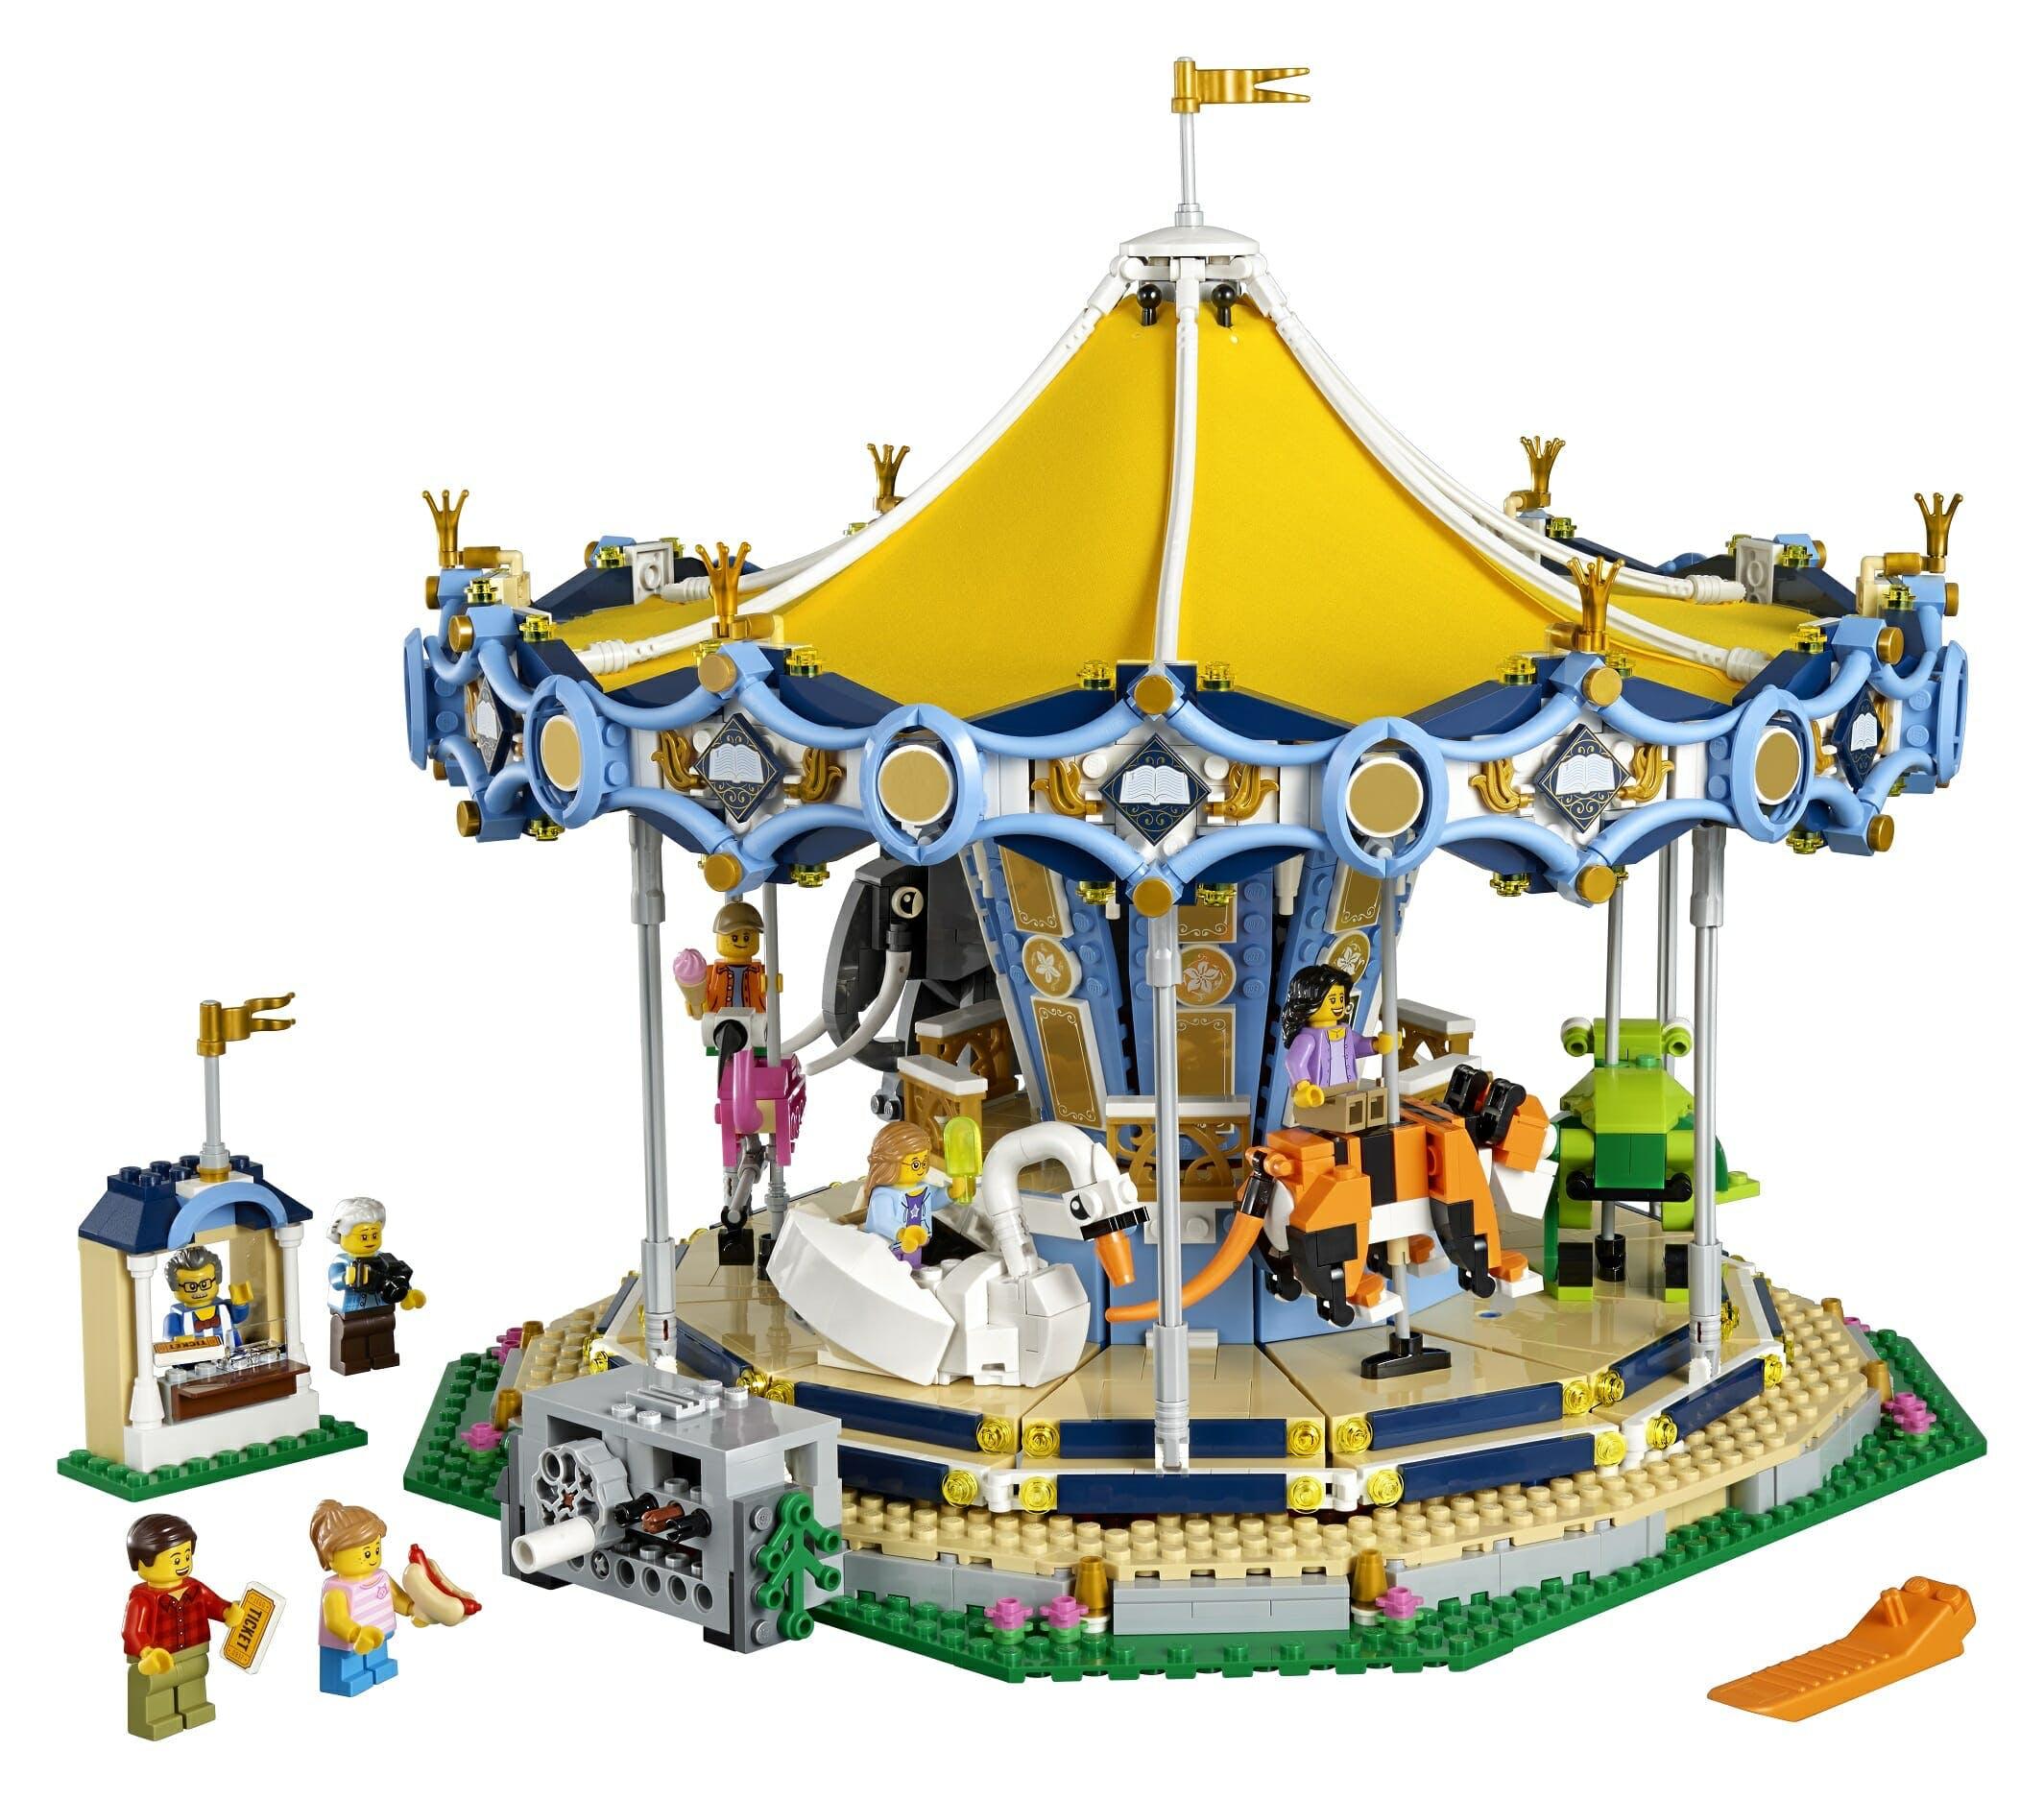 lego sets 2017 : Creator Carousel